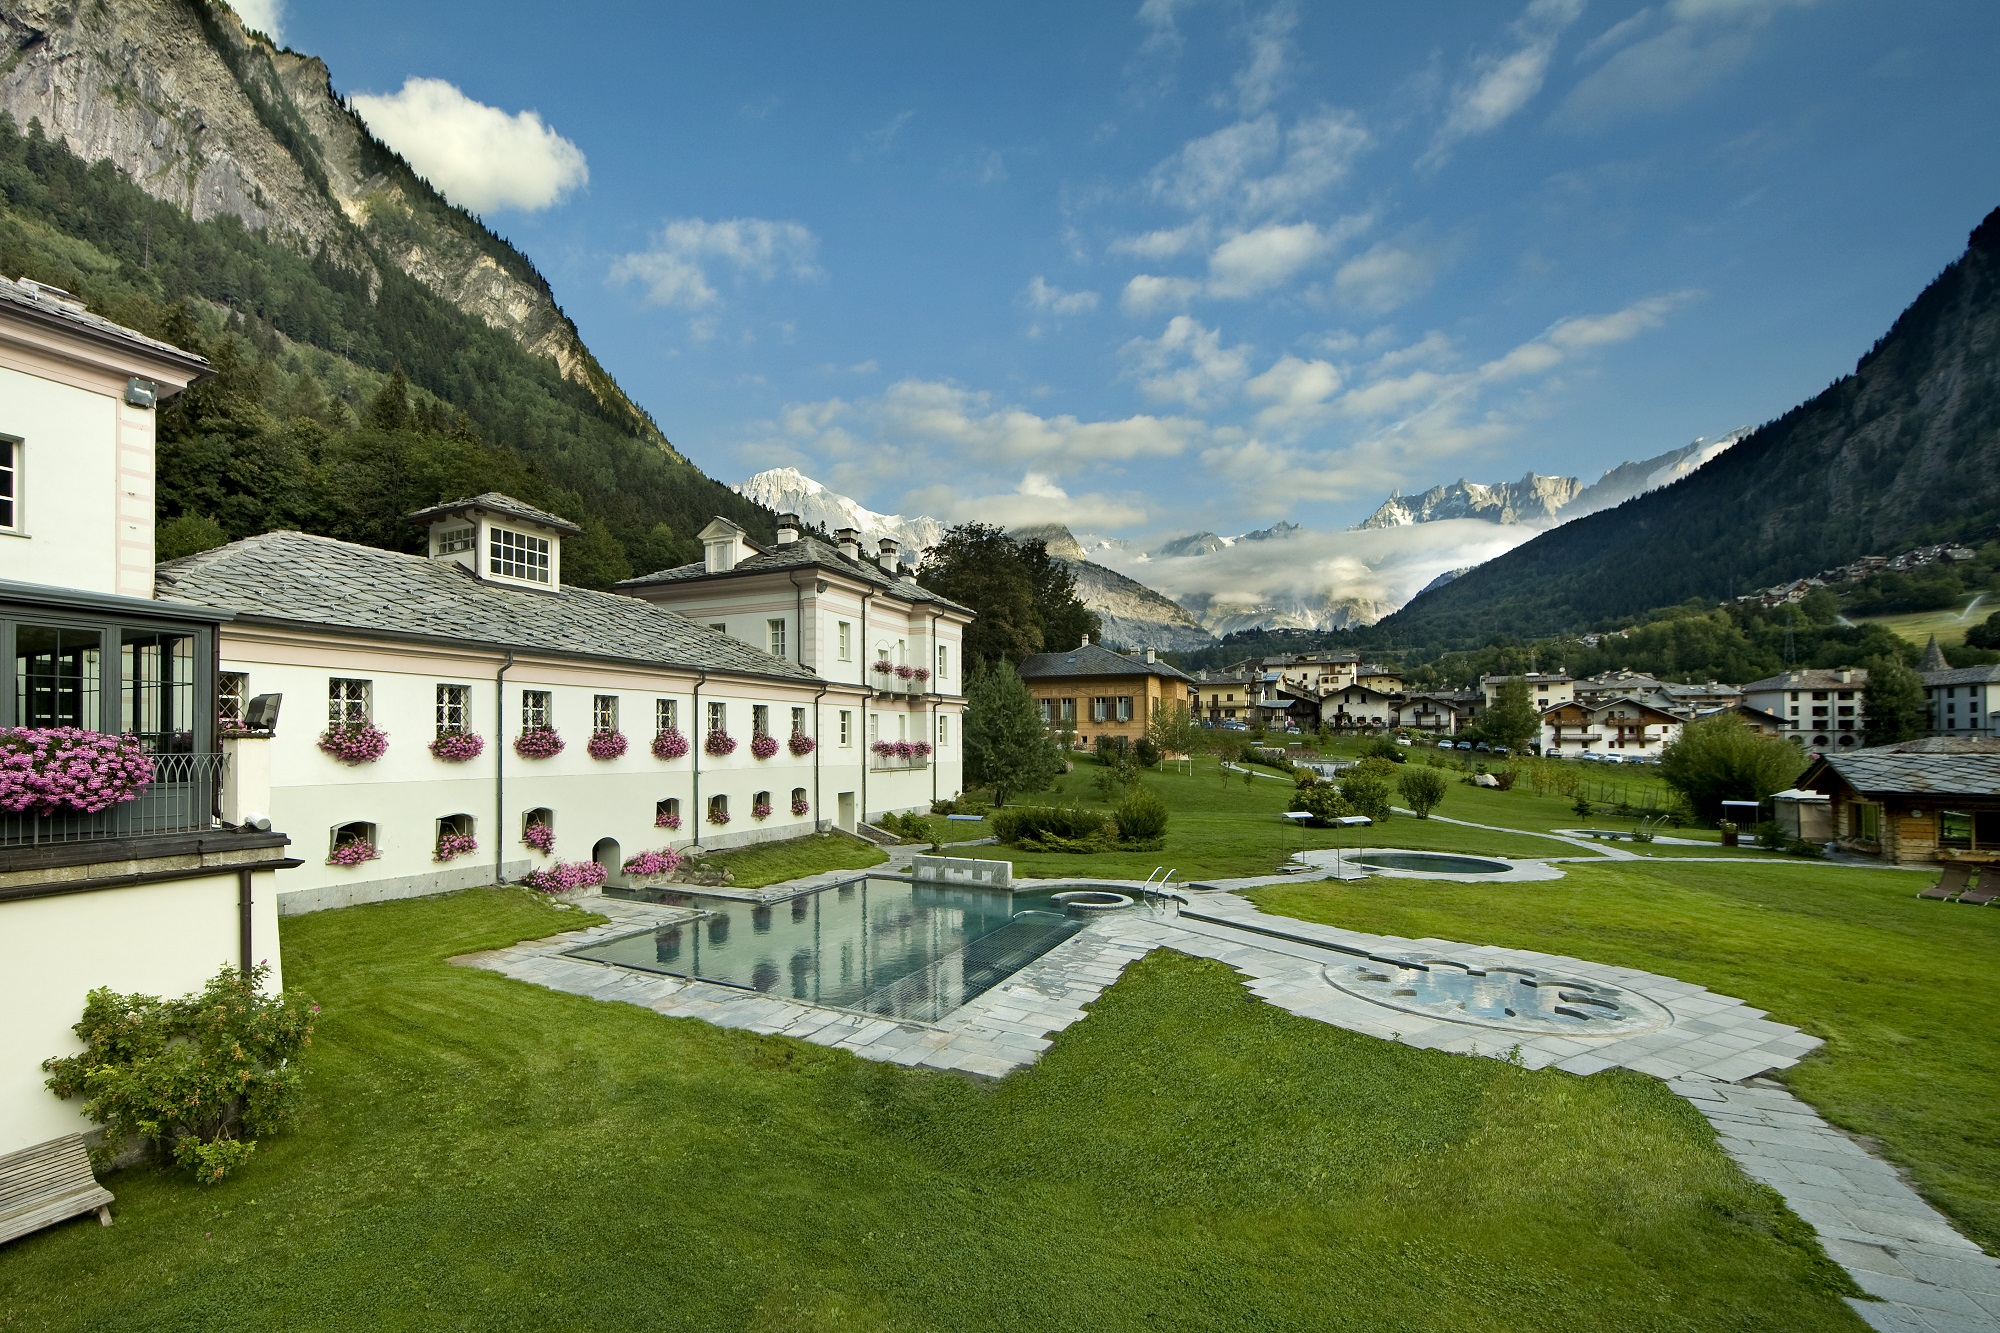 Les Thermes En Vall E D Aoste Hotel Aosta Hotel Express A Pr S Du